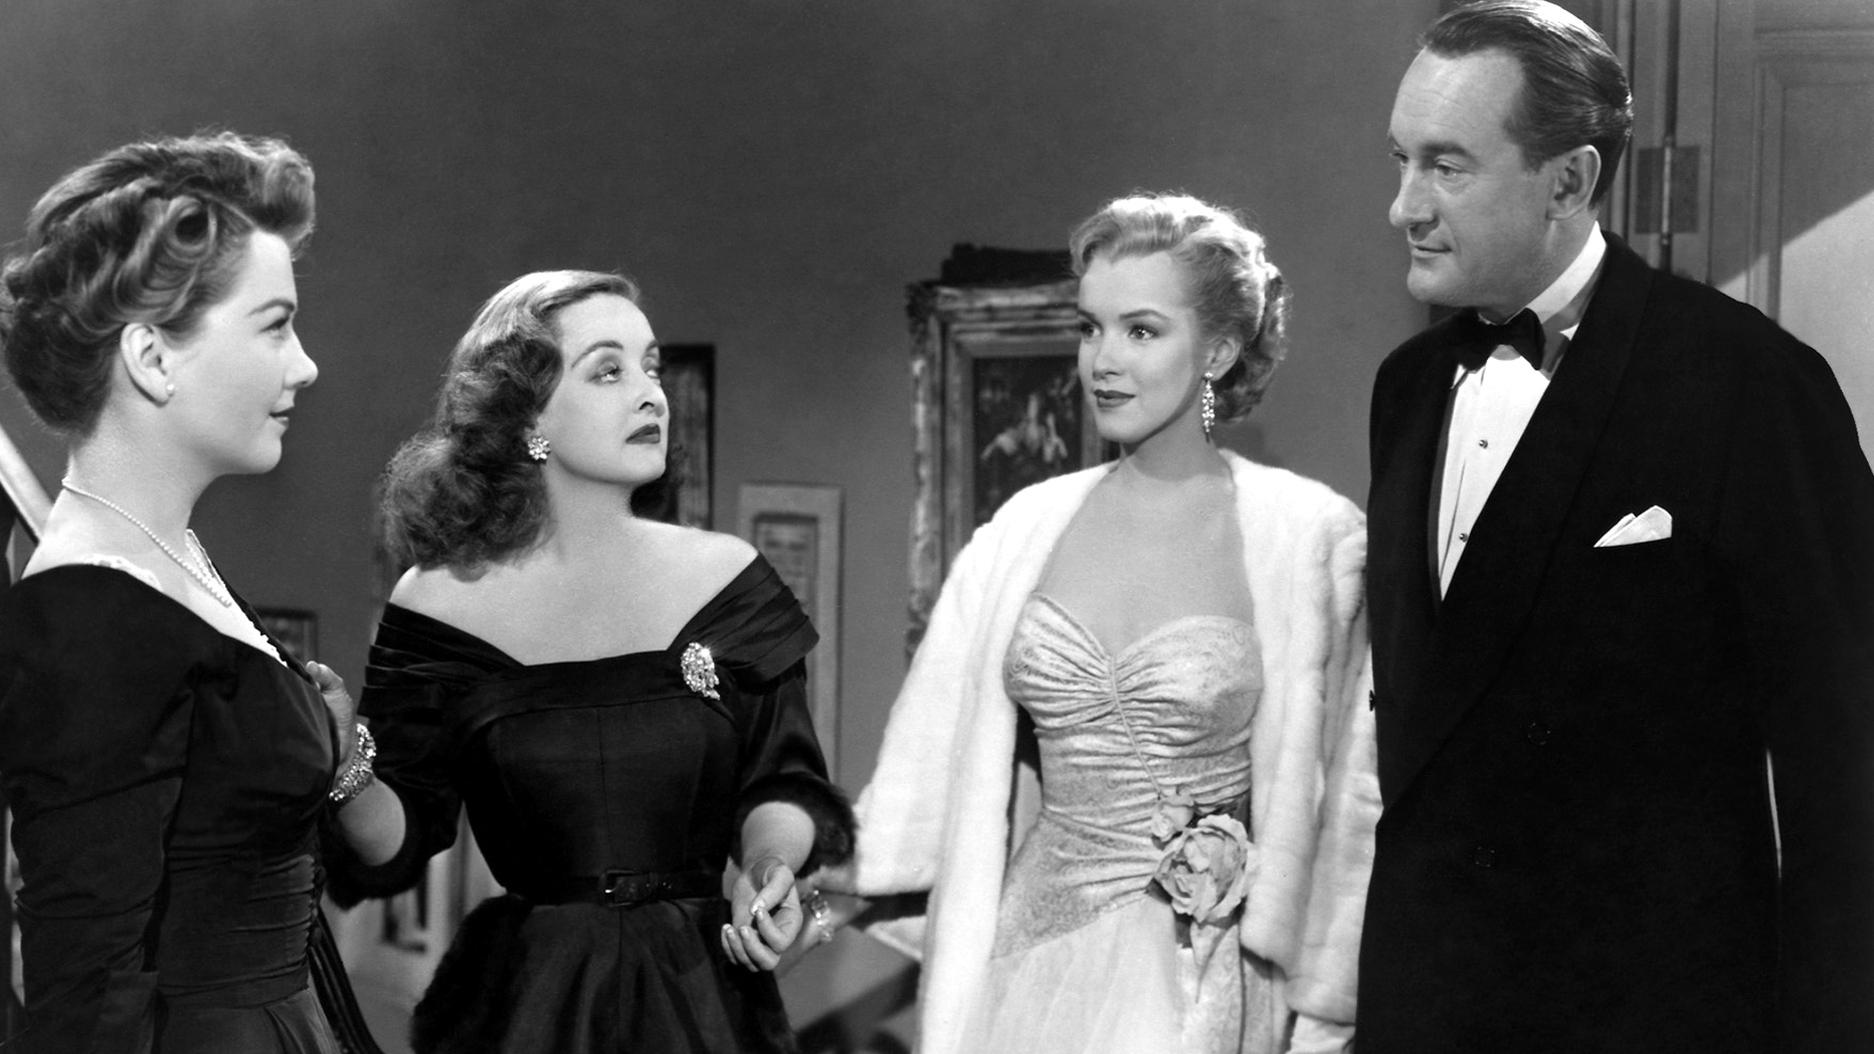 All About Eve, Anne Baxter, Bette Davis